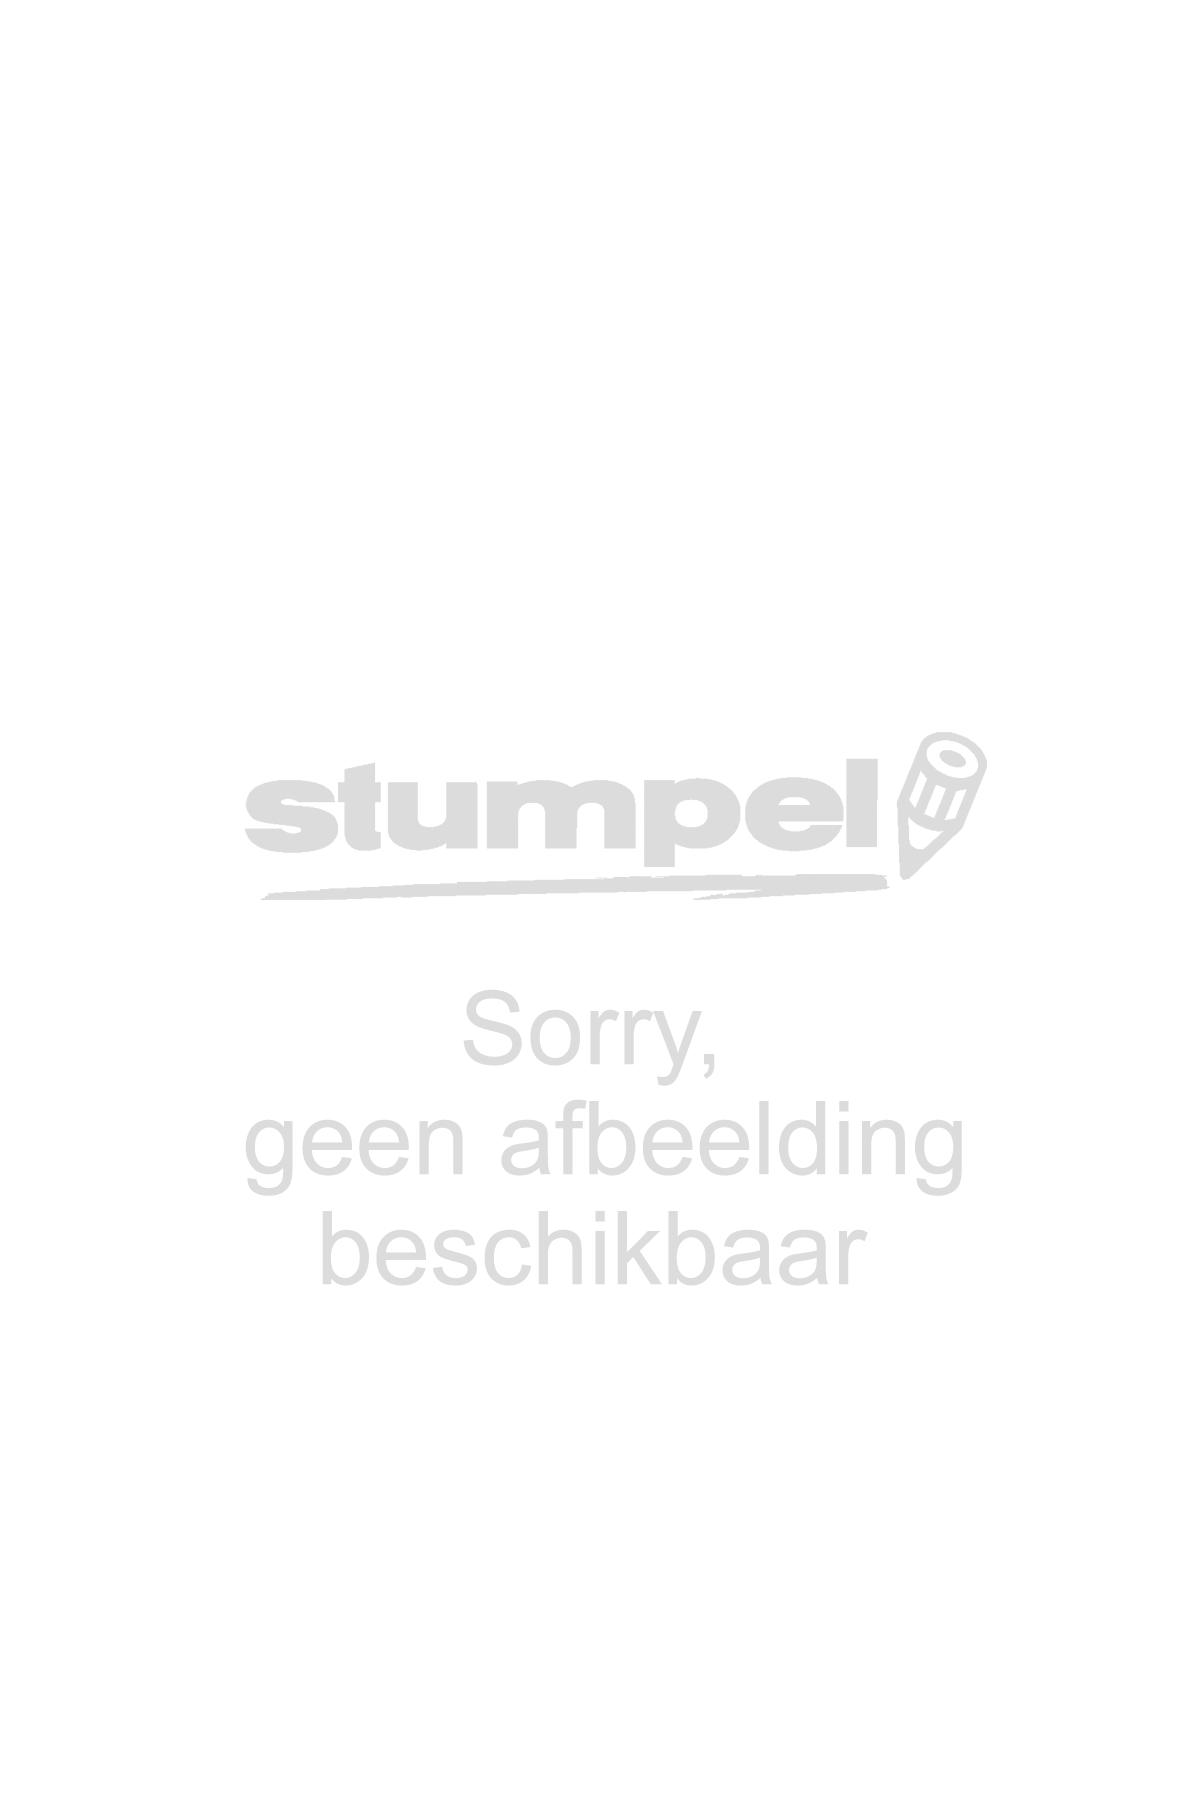 viltstift-edding-31-eco-voor-flipover-rond-1-5-3mm-zwart-630681